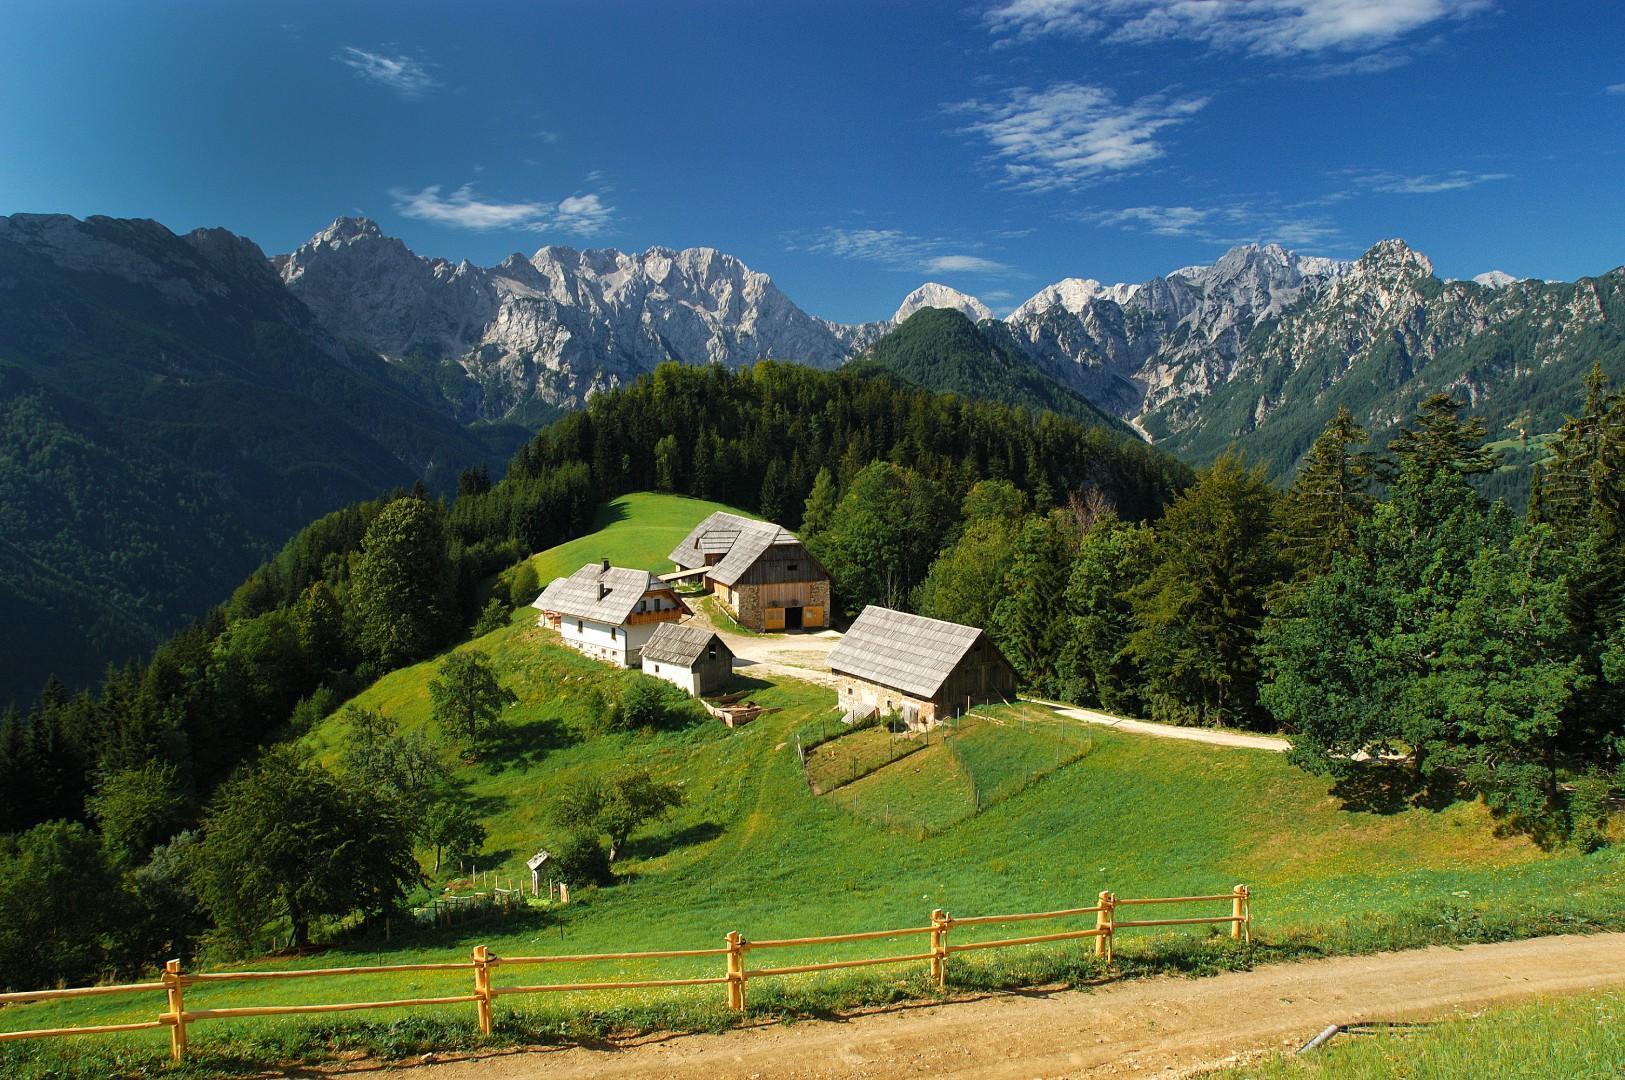 KlemenÁek_pogled-na-Logarsko-dolino-in-KamniÁko-Savinjske-Alpe_Savinjska-in-ÊaleÁka-dolina_Slovenia_arhiv-Rinka-Center_foto-T.-Jesenicnik